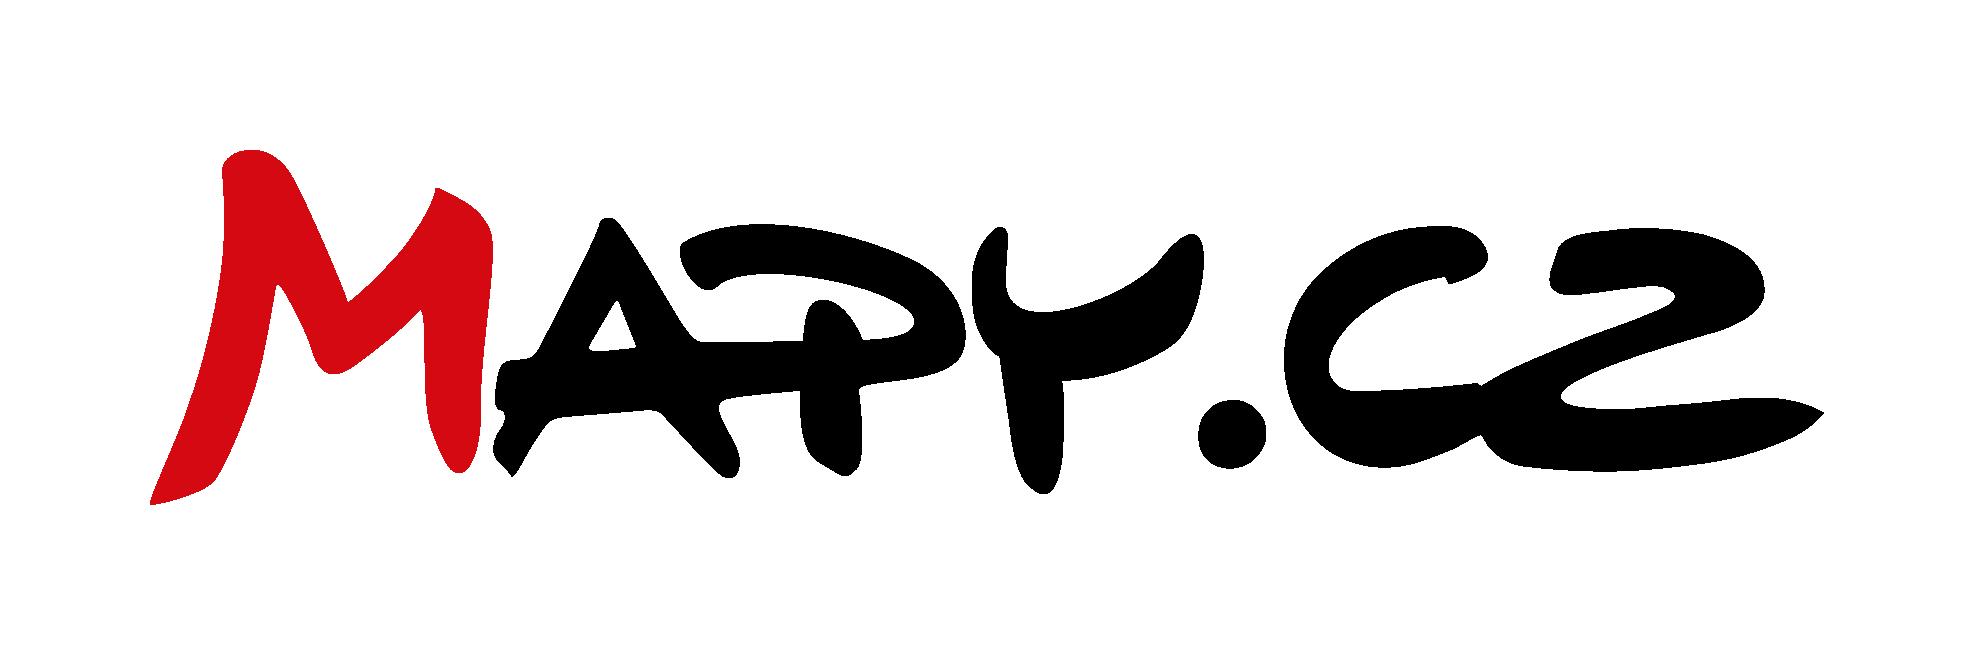 svetoutdooru